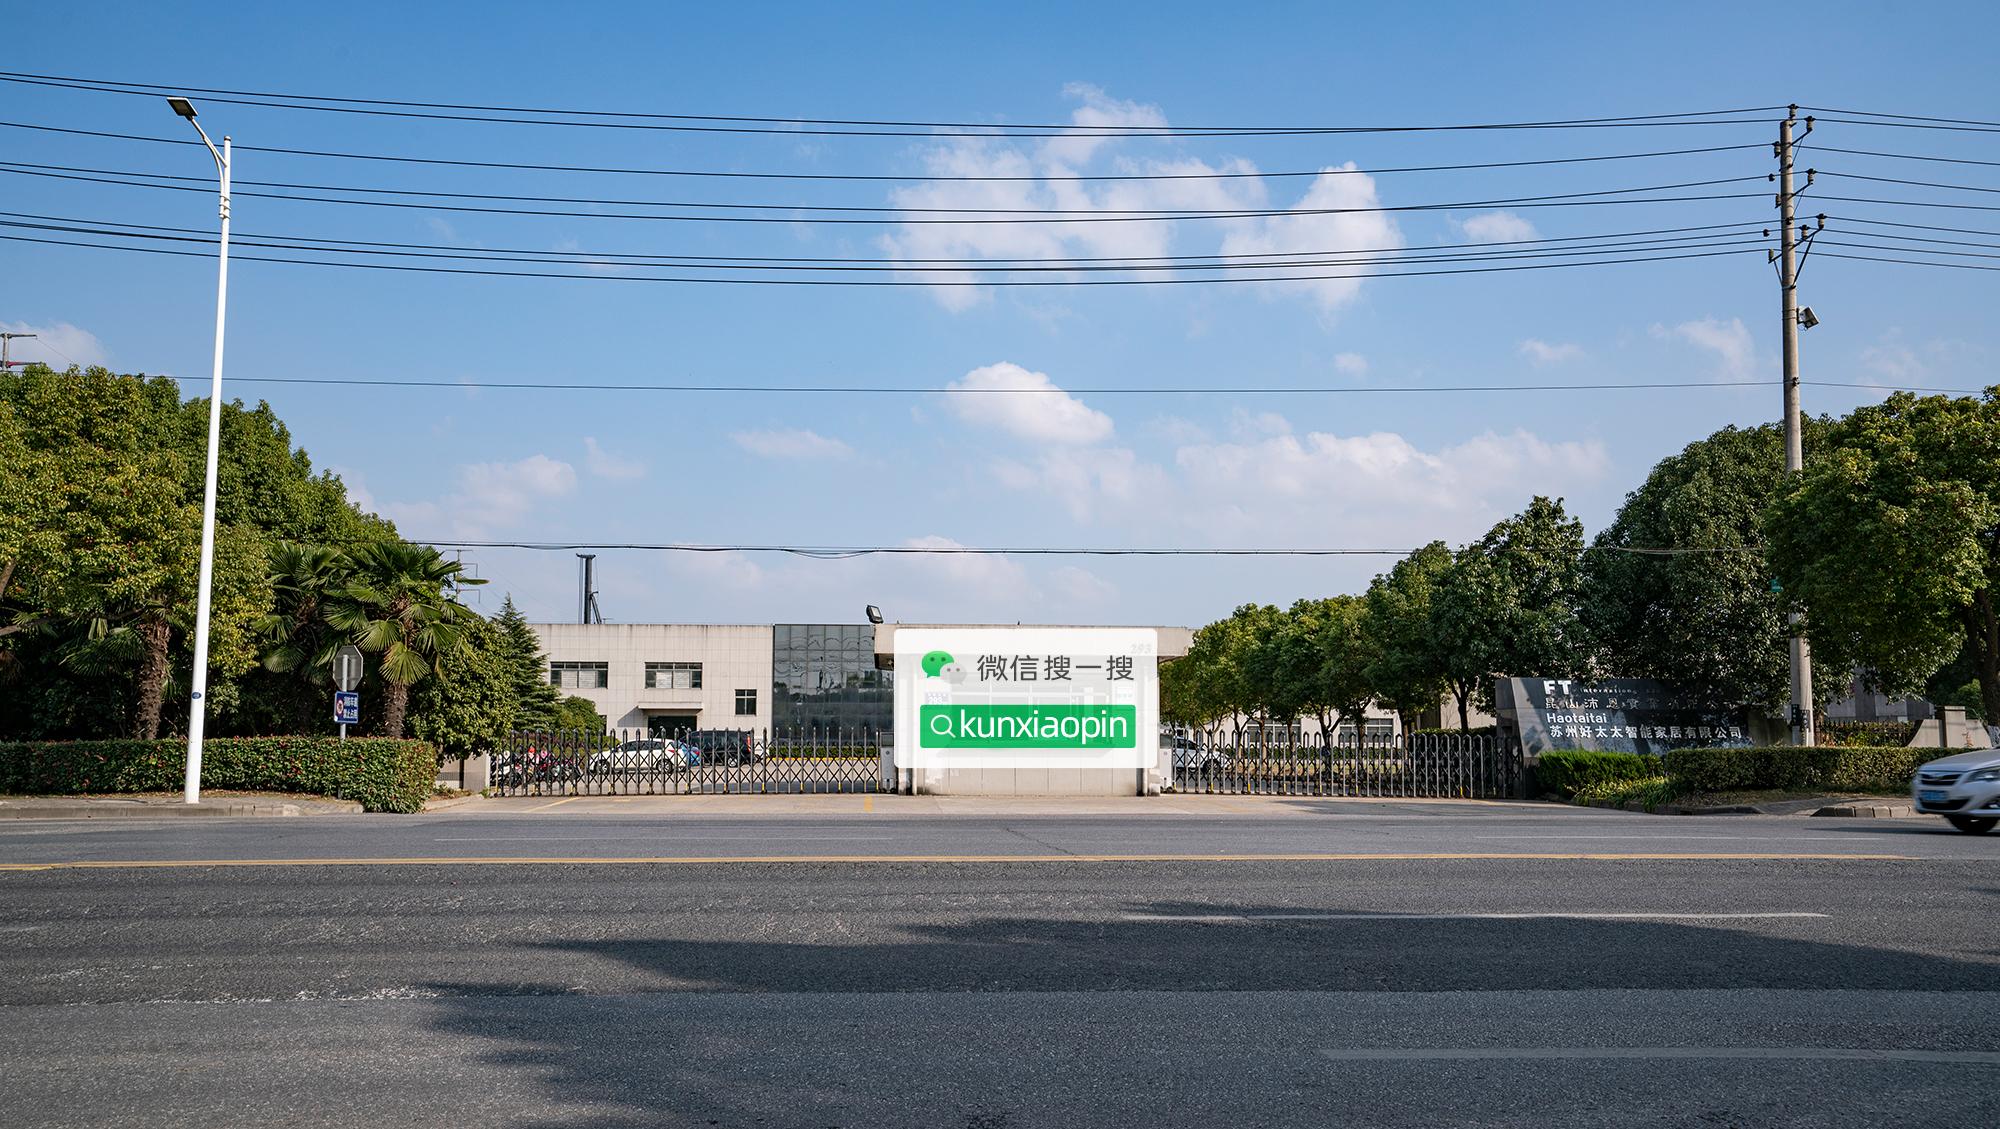 昆山企业图库·